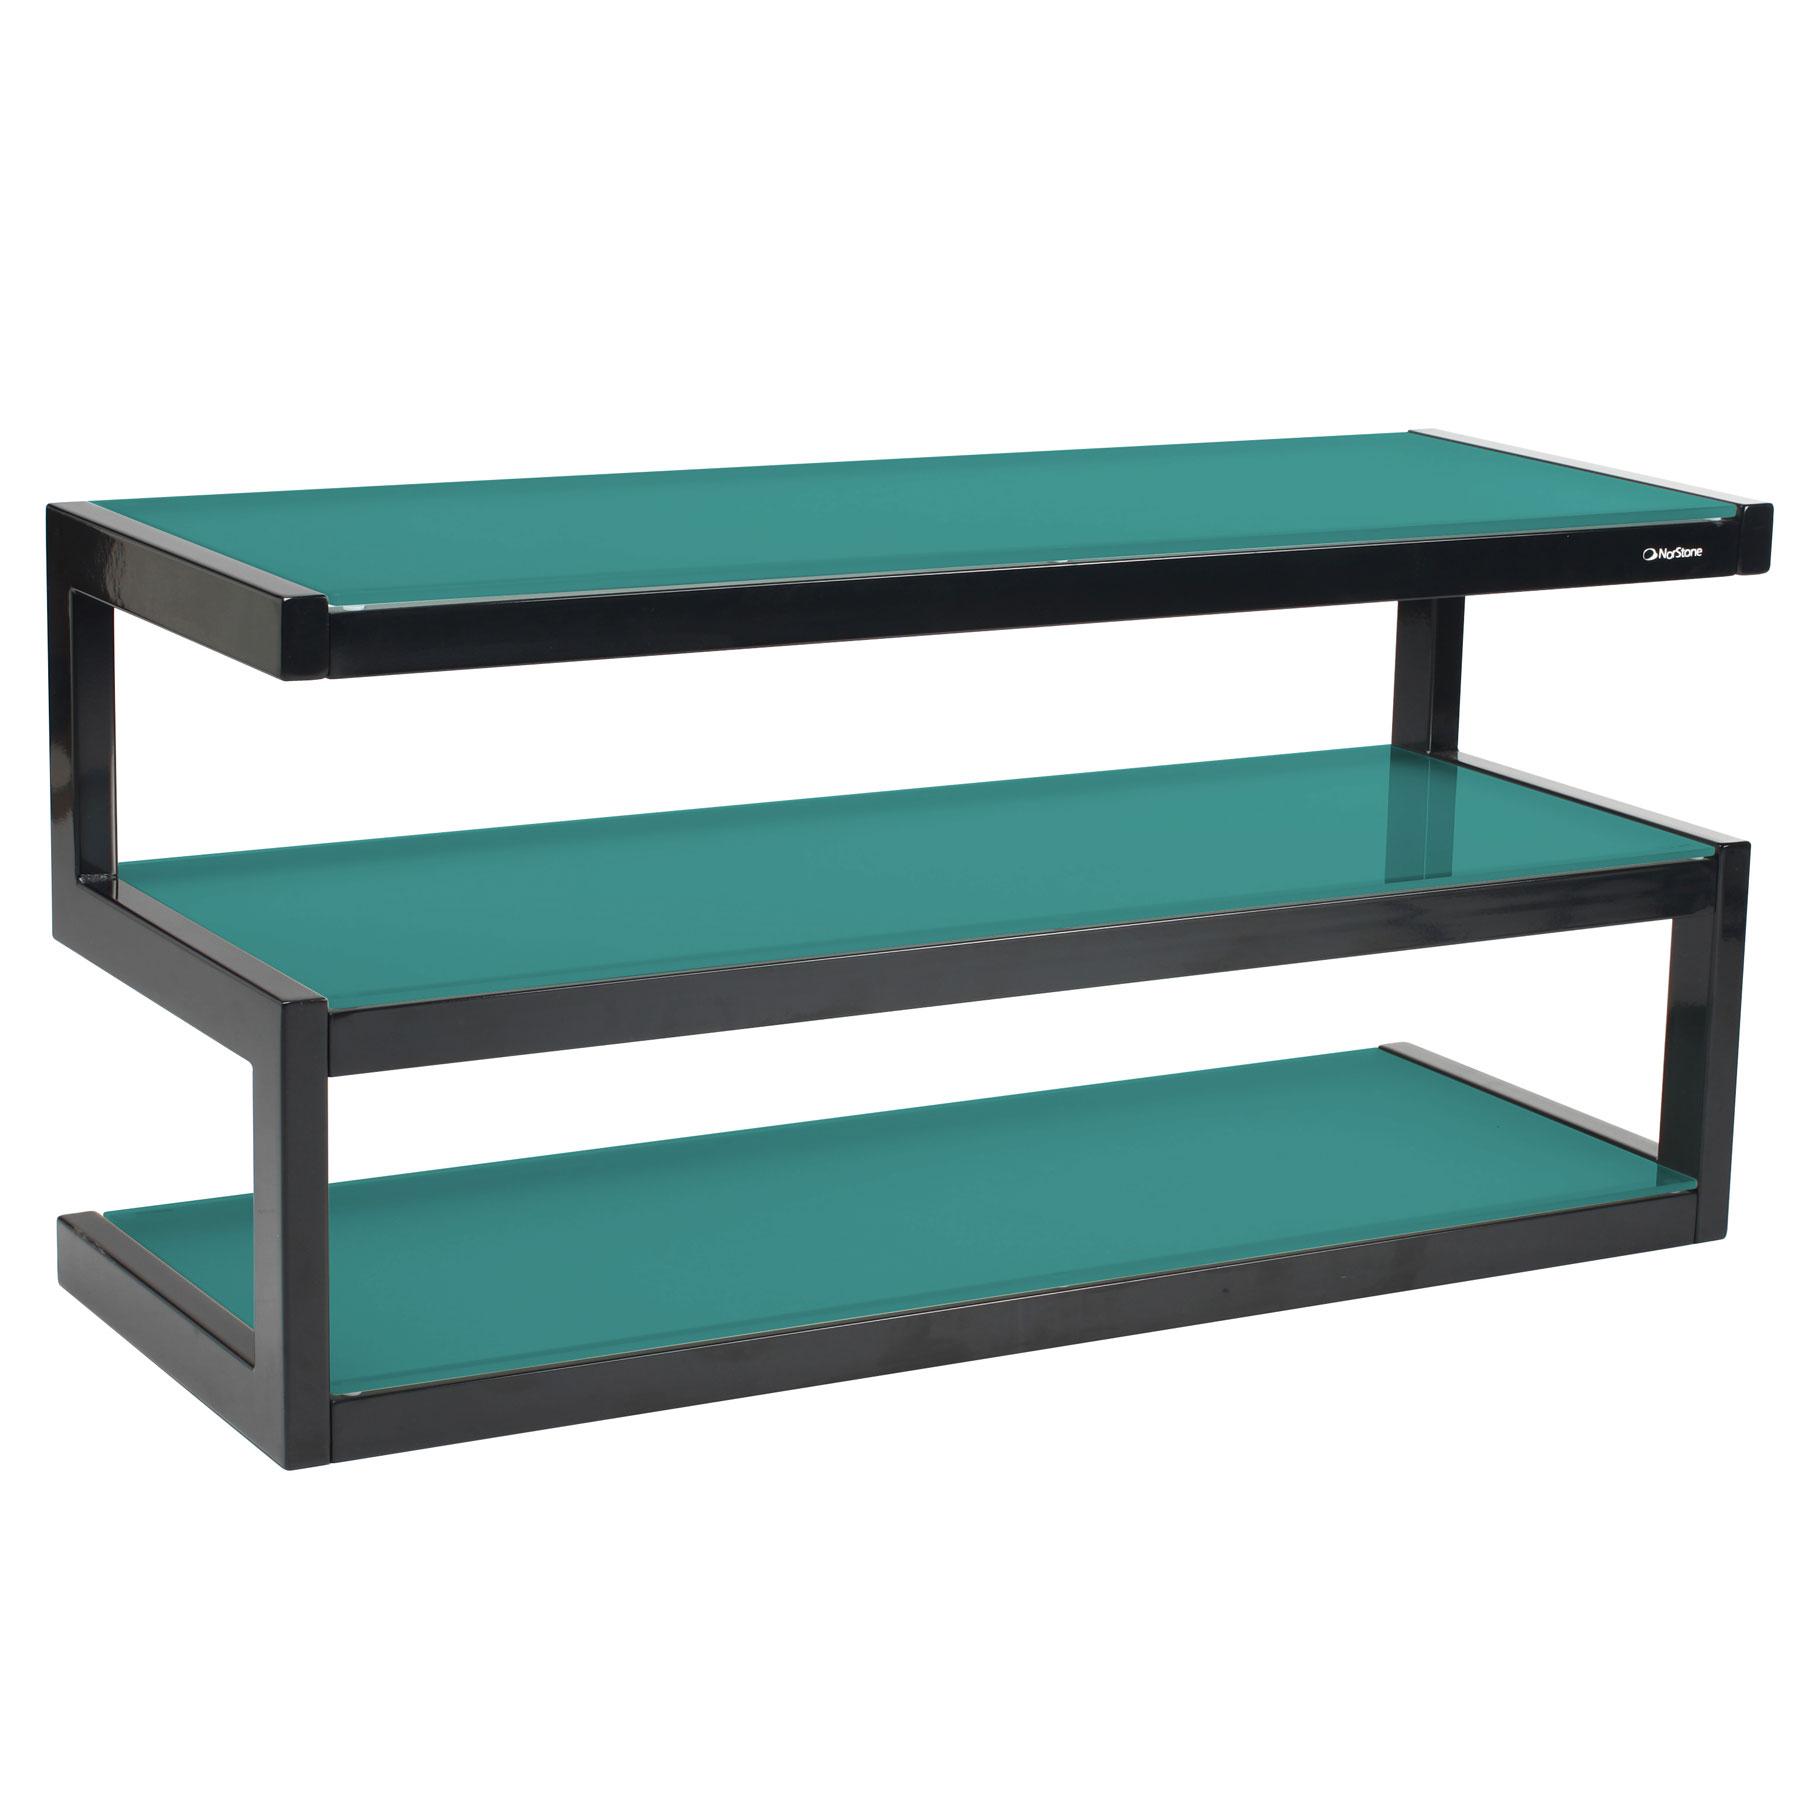 Norstone esse acier noir verre bleu lagon meuble tv norstone sur ldlc for Petit meuble audio